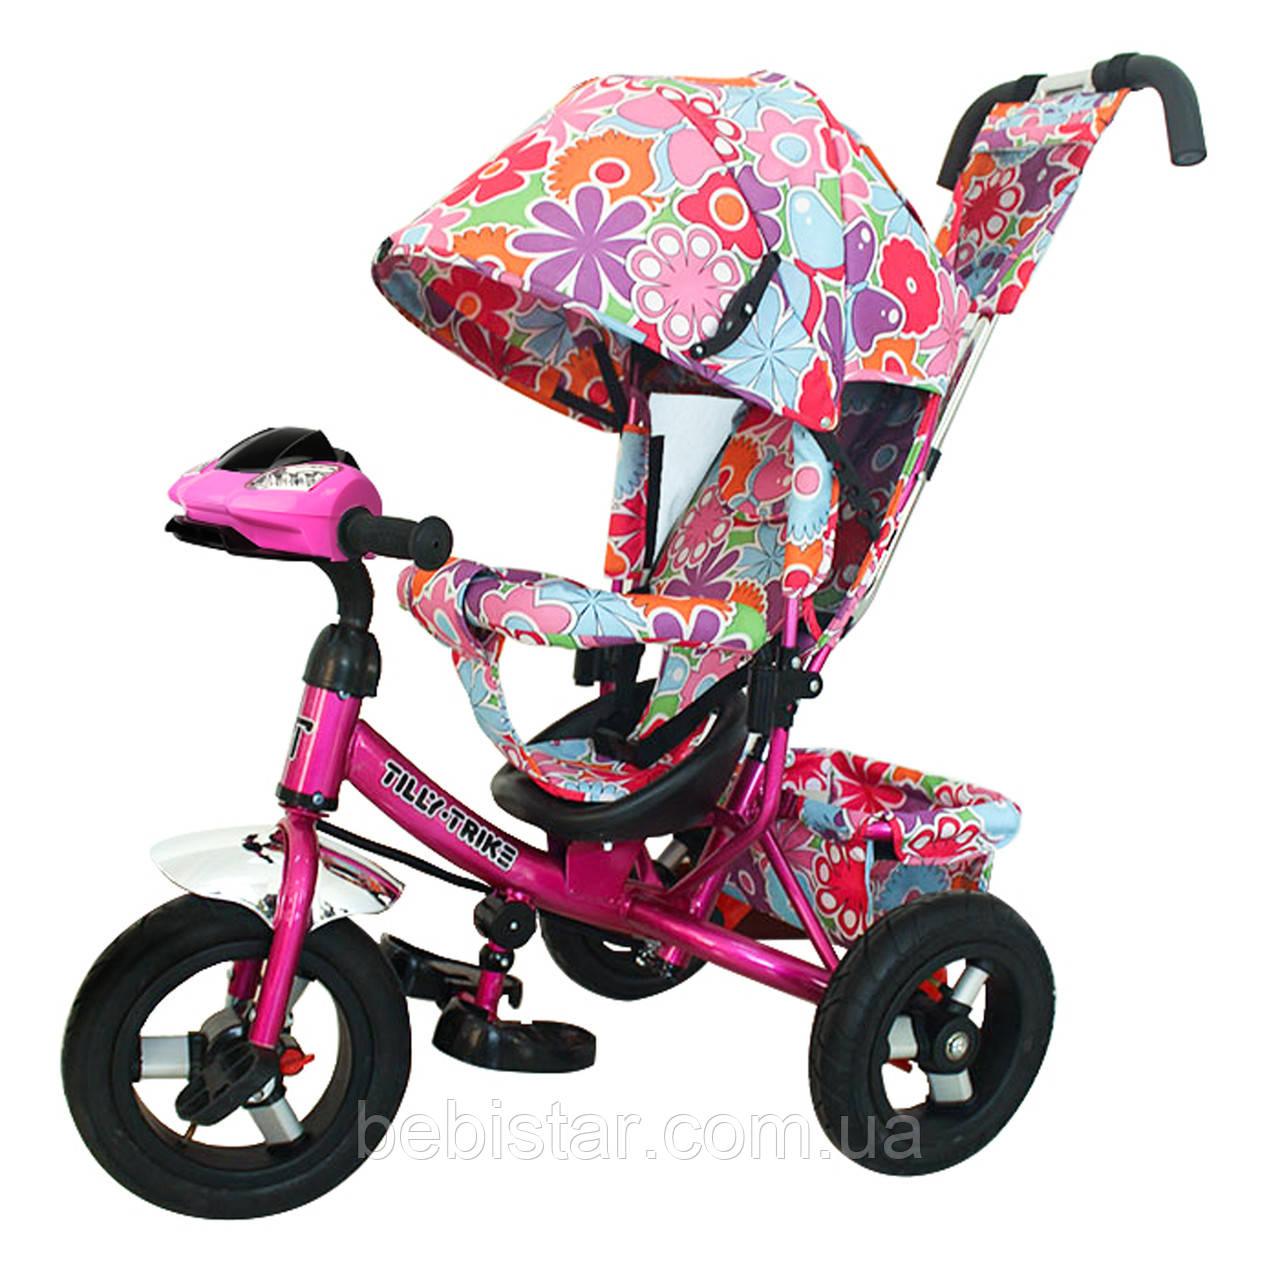 Детский трехколесный велосипед музыка свет TILLY Trike T-363-1 надувные колеса малиновый